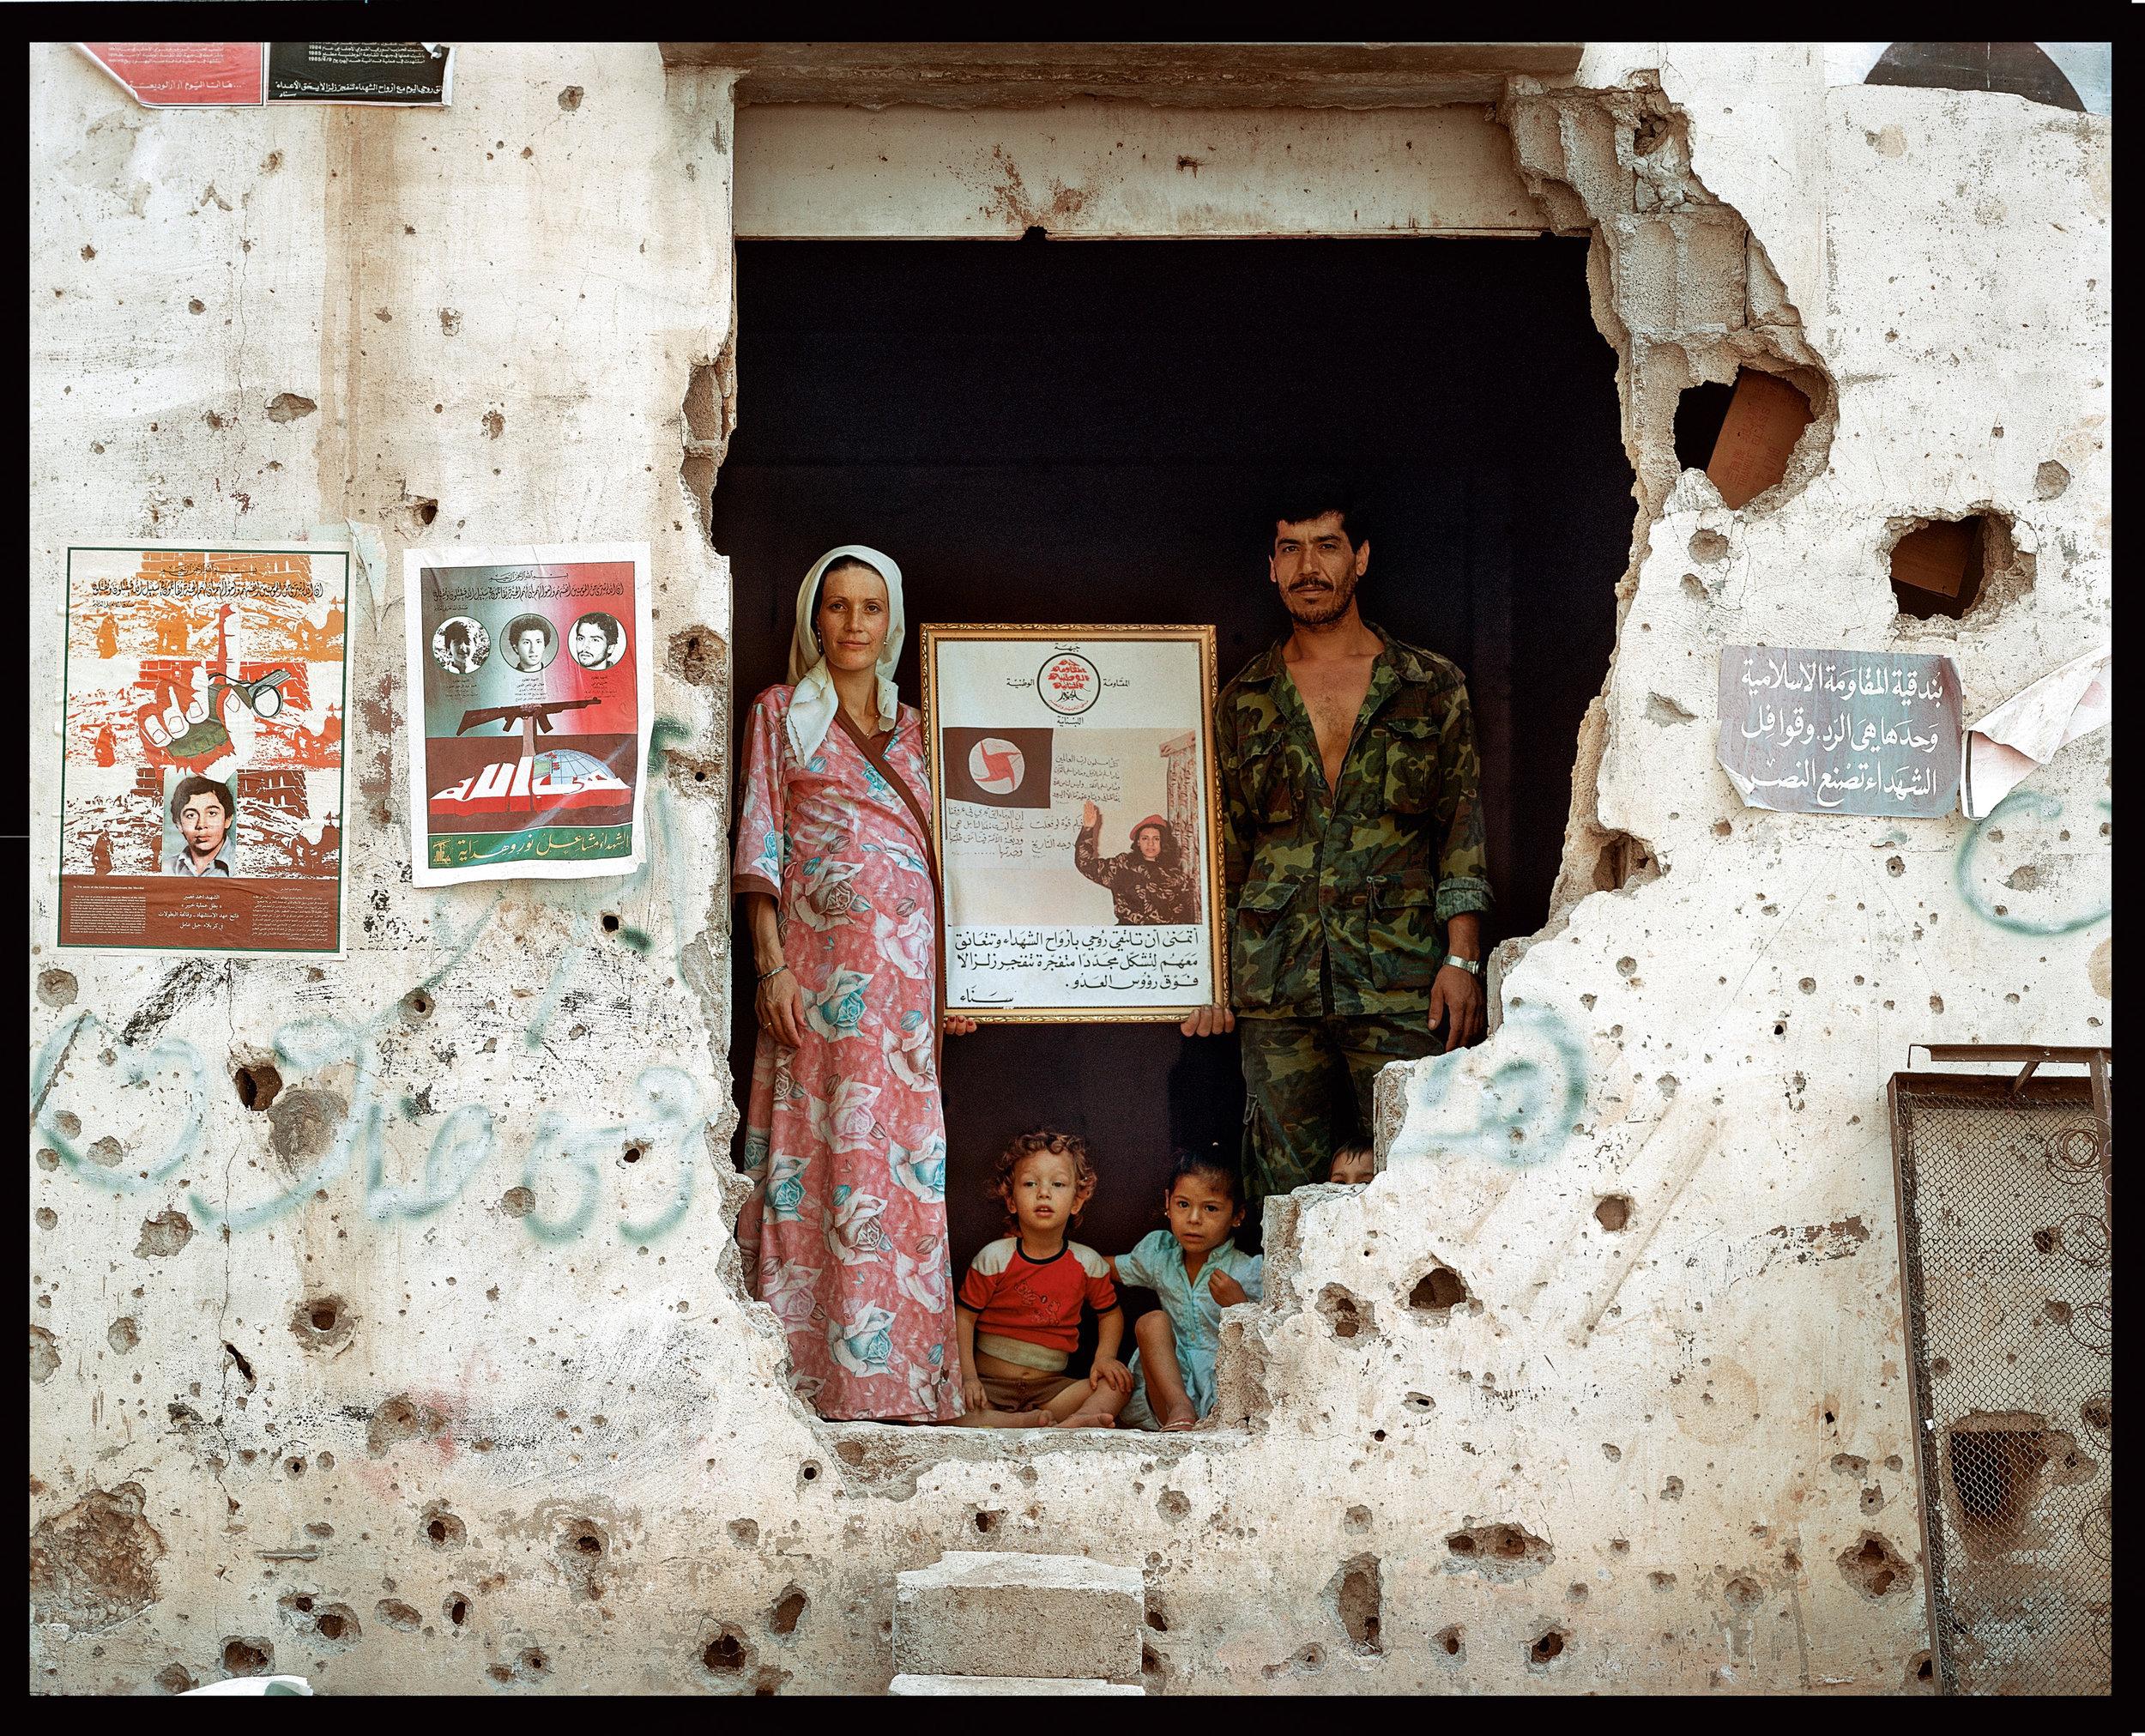 © Yan Morvan.  Hossein, capitaine de la milice du secteur de Moalem et membre du PSNS (Parti social nationaliste syrien), pose avec sa femme et ses deux enfants devant l'entrée de sa maison, où il vit depuis dix ans. Il présente dans un cadre la photo d'un des martyrs du parti qui a foncé sur un checkpoint israélien du Sud-Liban au volant d'une voiture remplie de dynamite, faisant ainsi plus de trente morts. Secteur Moalem.